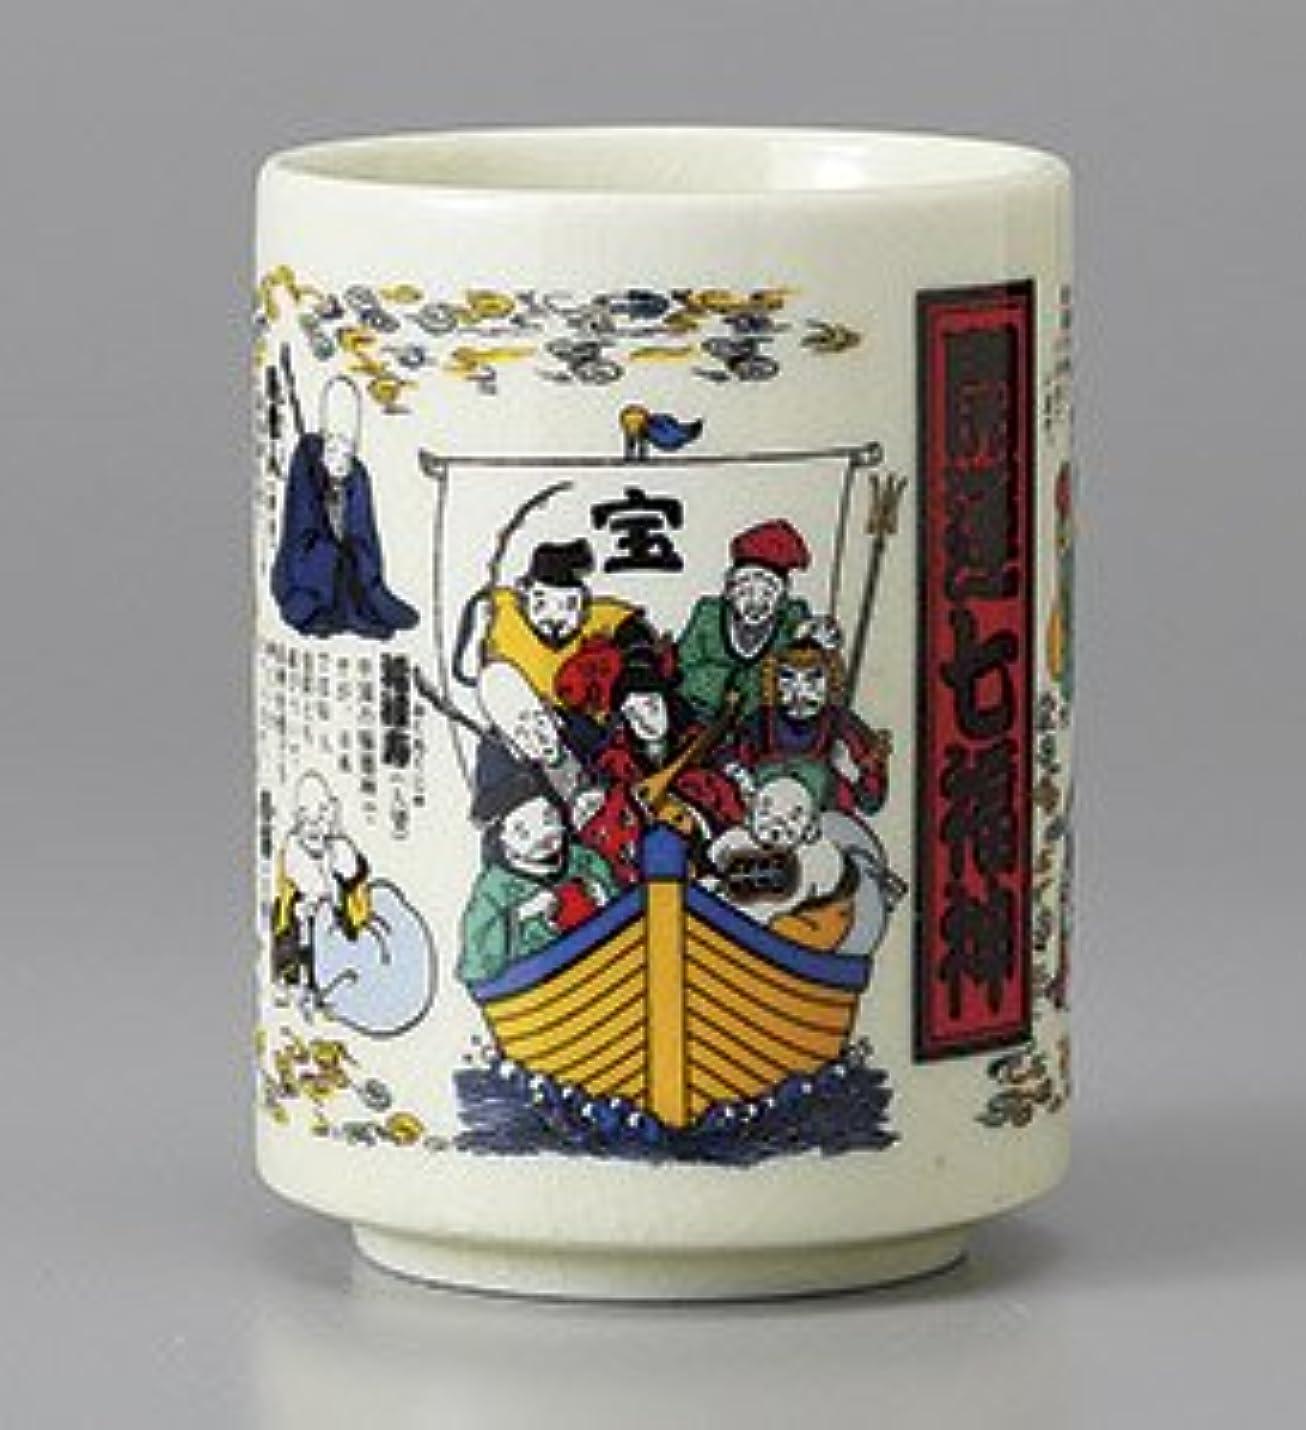 覆す晩餐全体にヤマト陶磁器 青花 紅毛人 ミルクカップ S-42-081